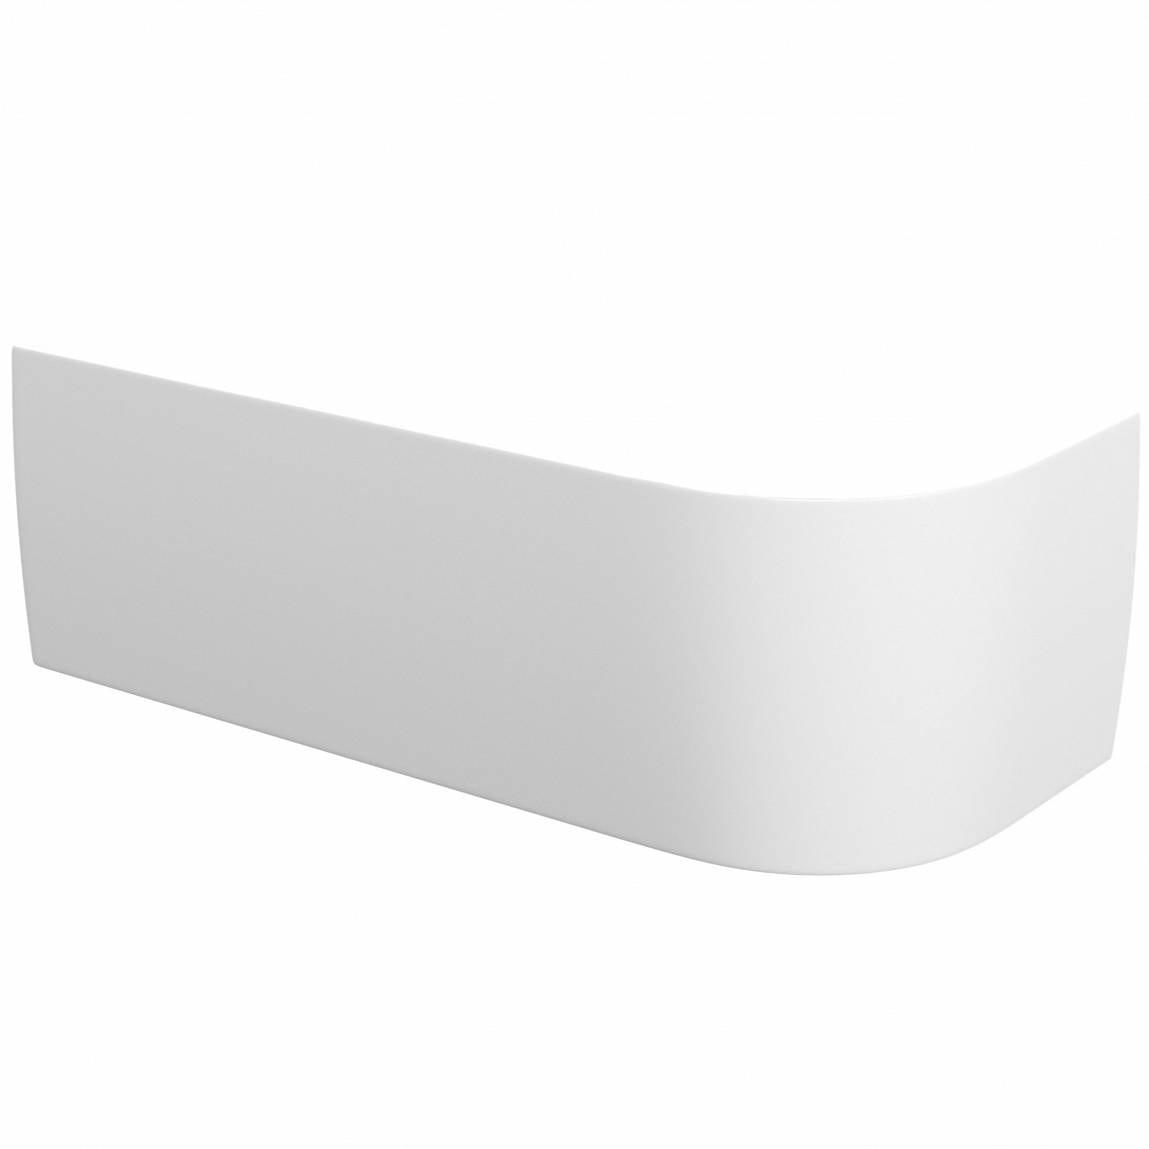 Orchard Elsdon D shaped left handed single ended bath panel